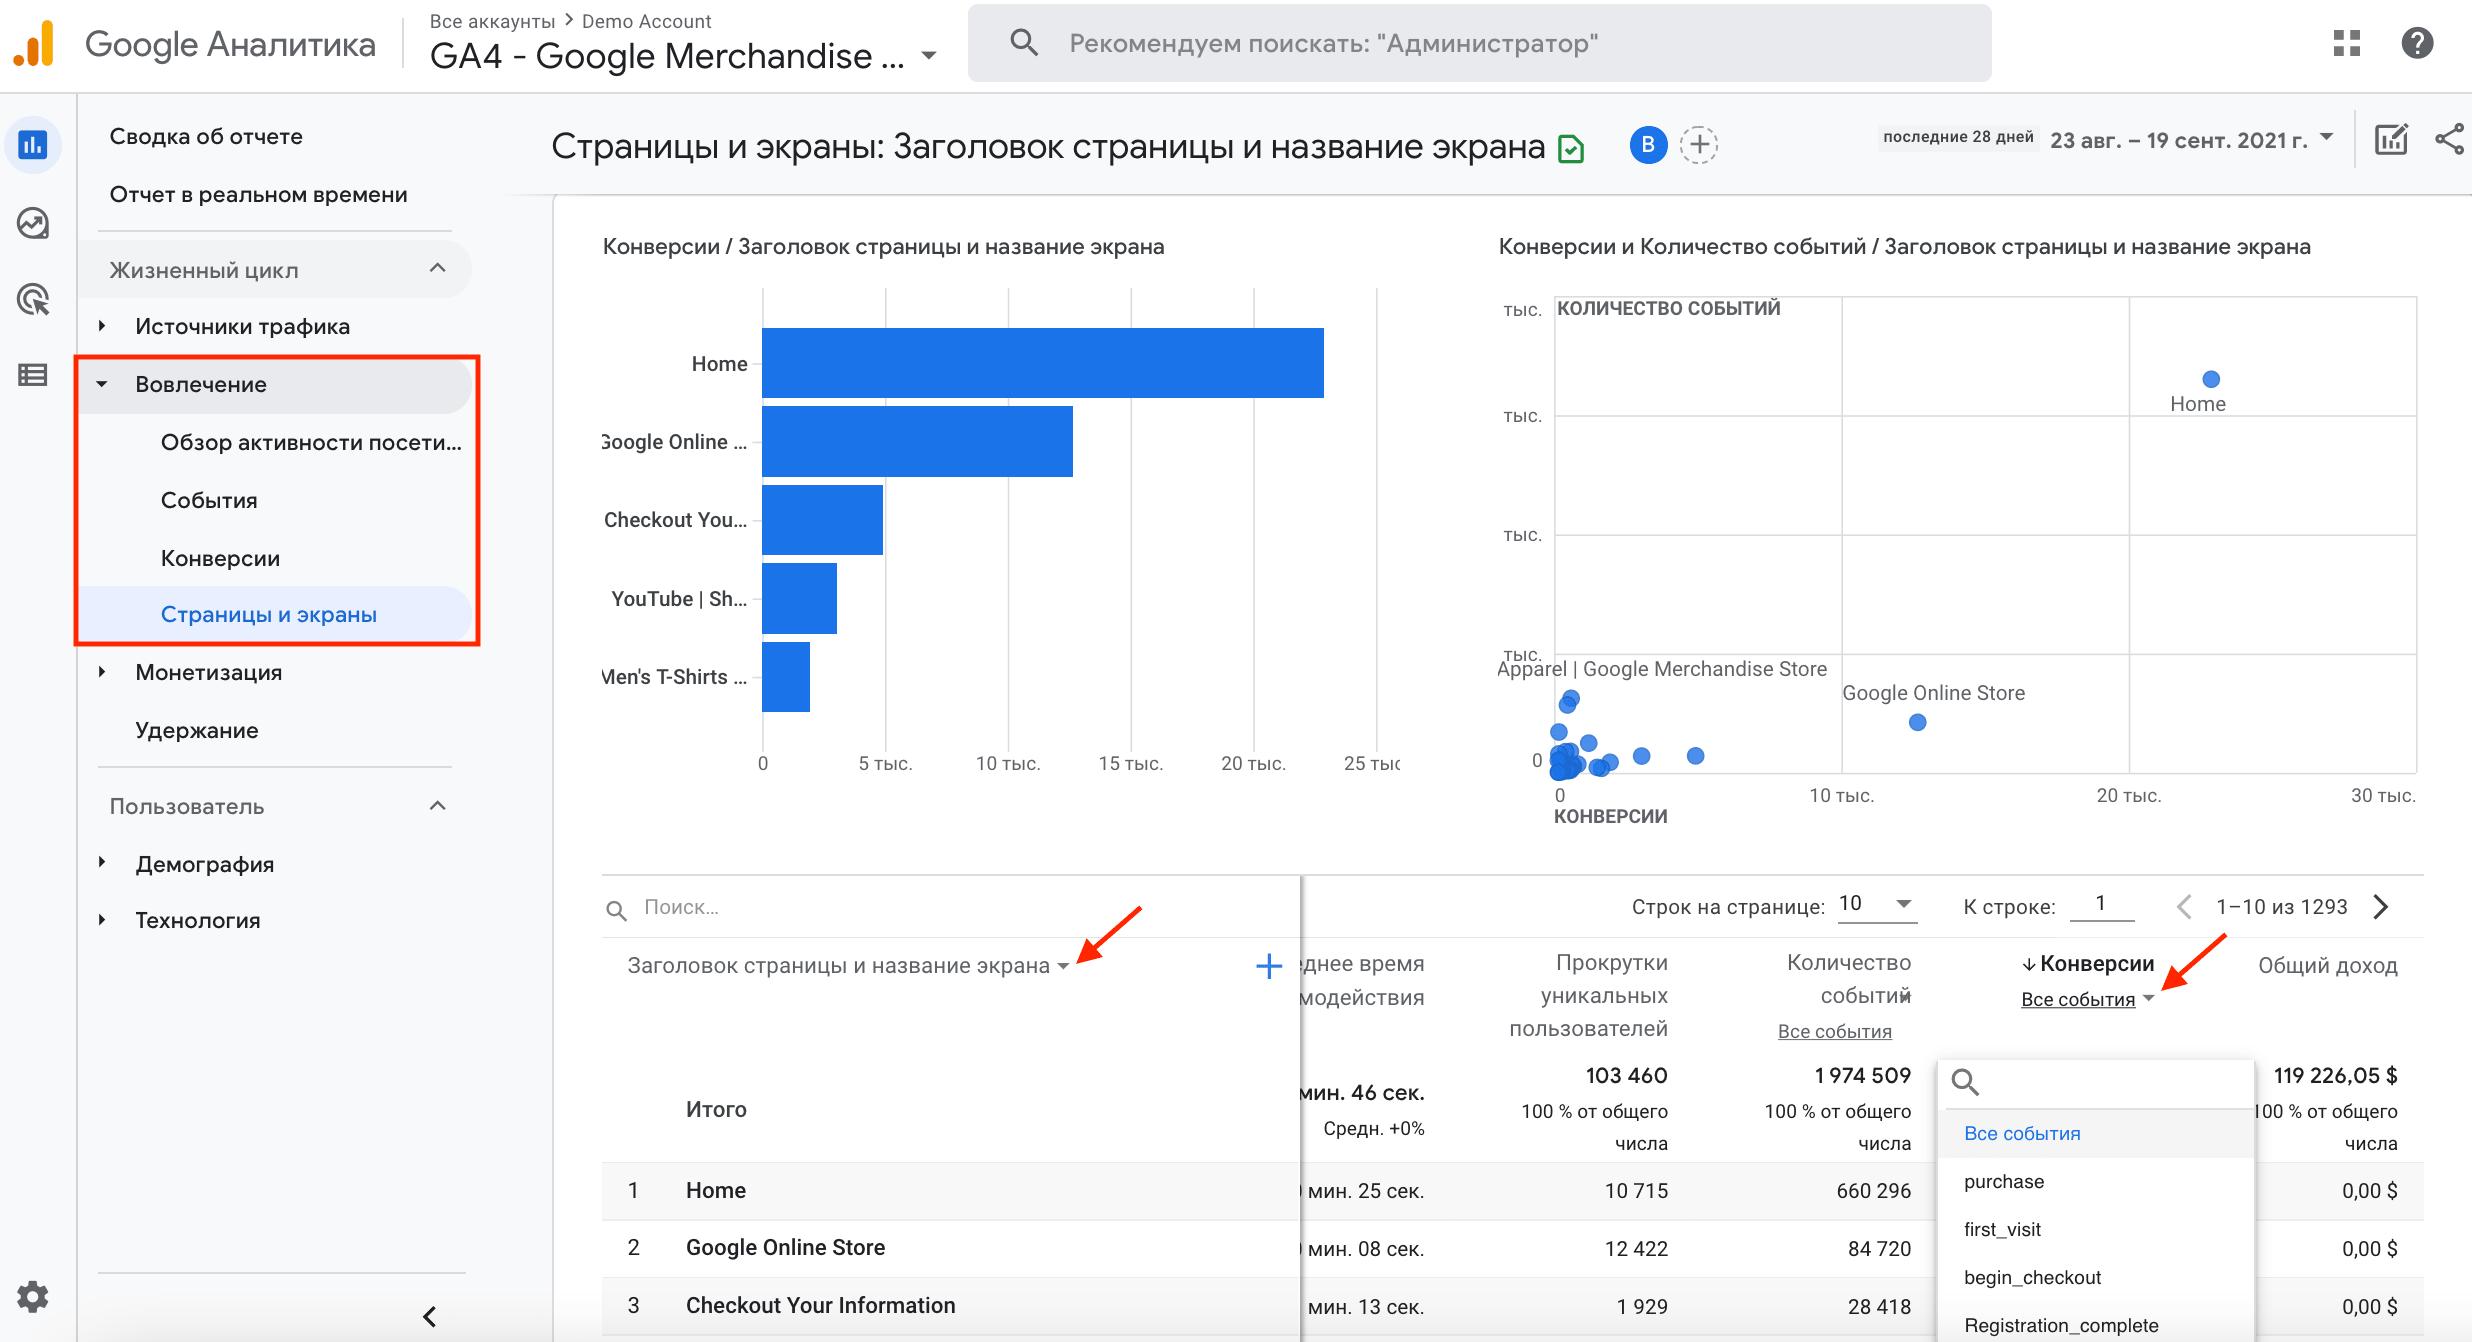 Статистика по событиям-конверсиям в отчете «Страницы и экраны» в Google Аналитике 4